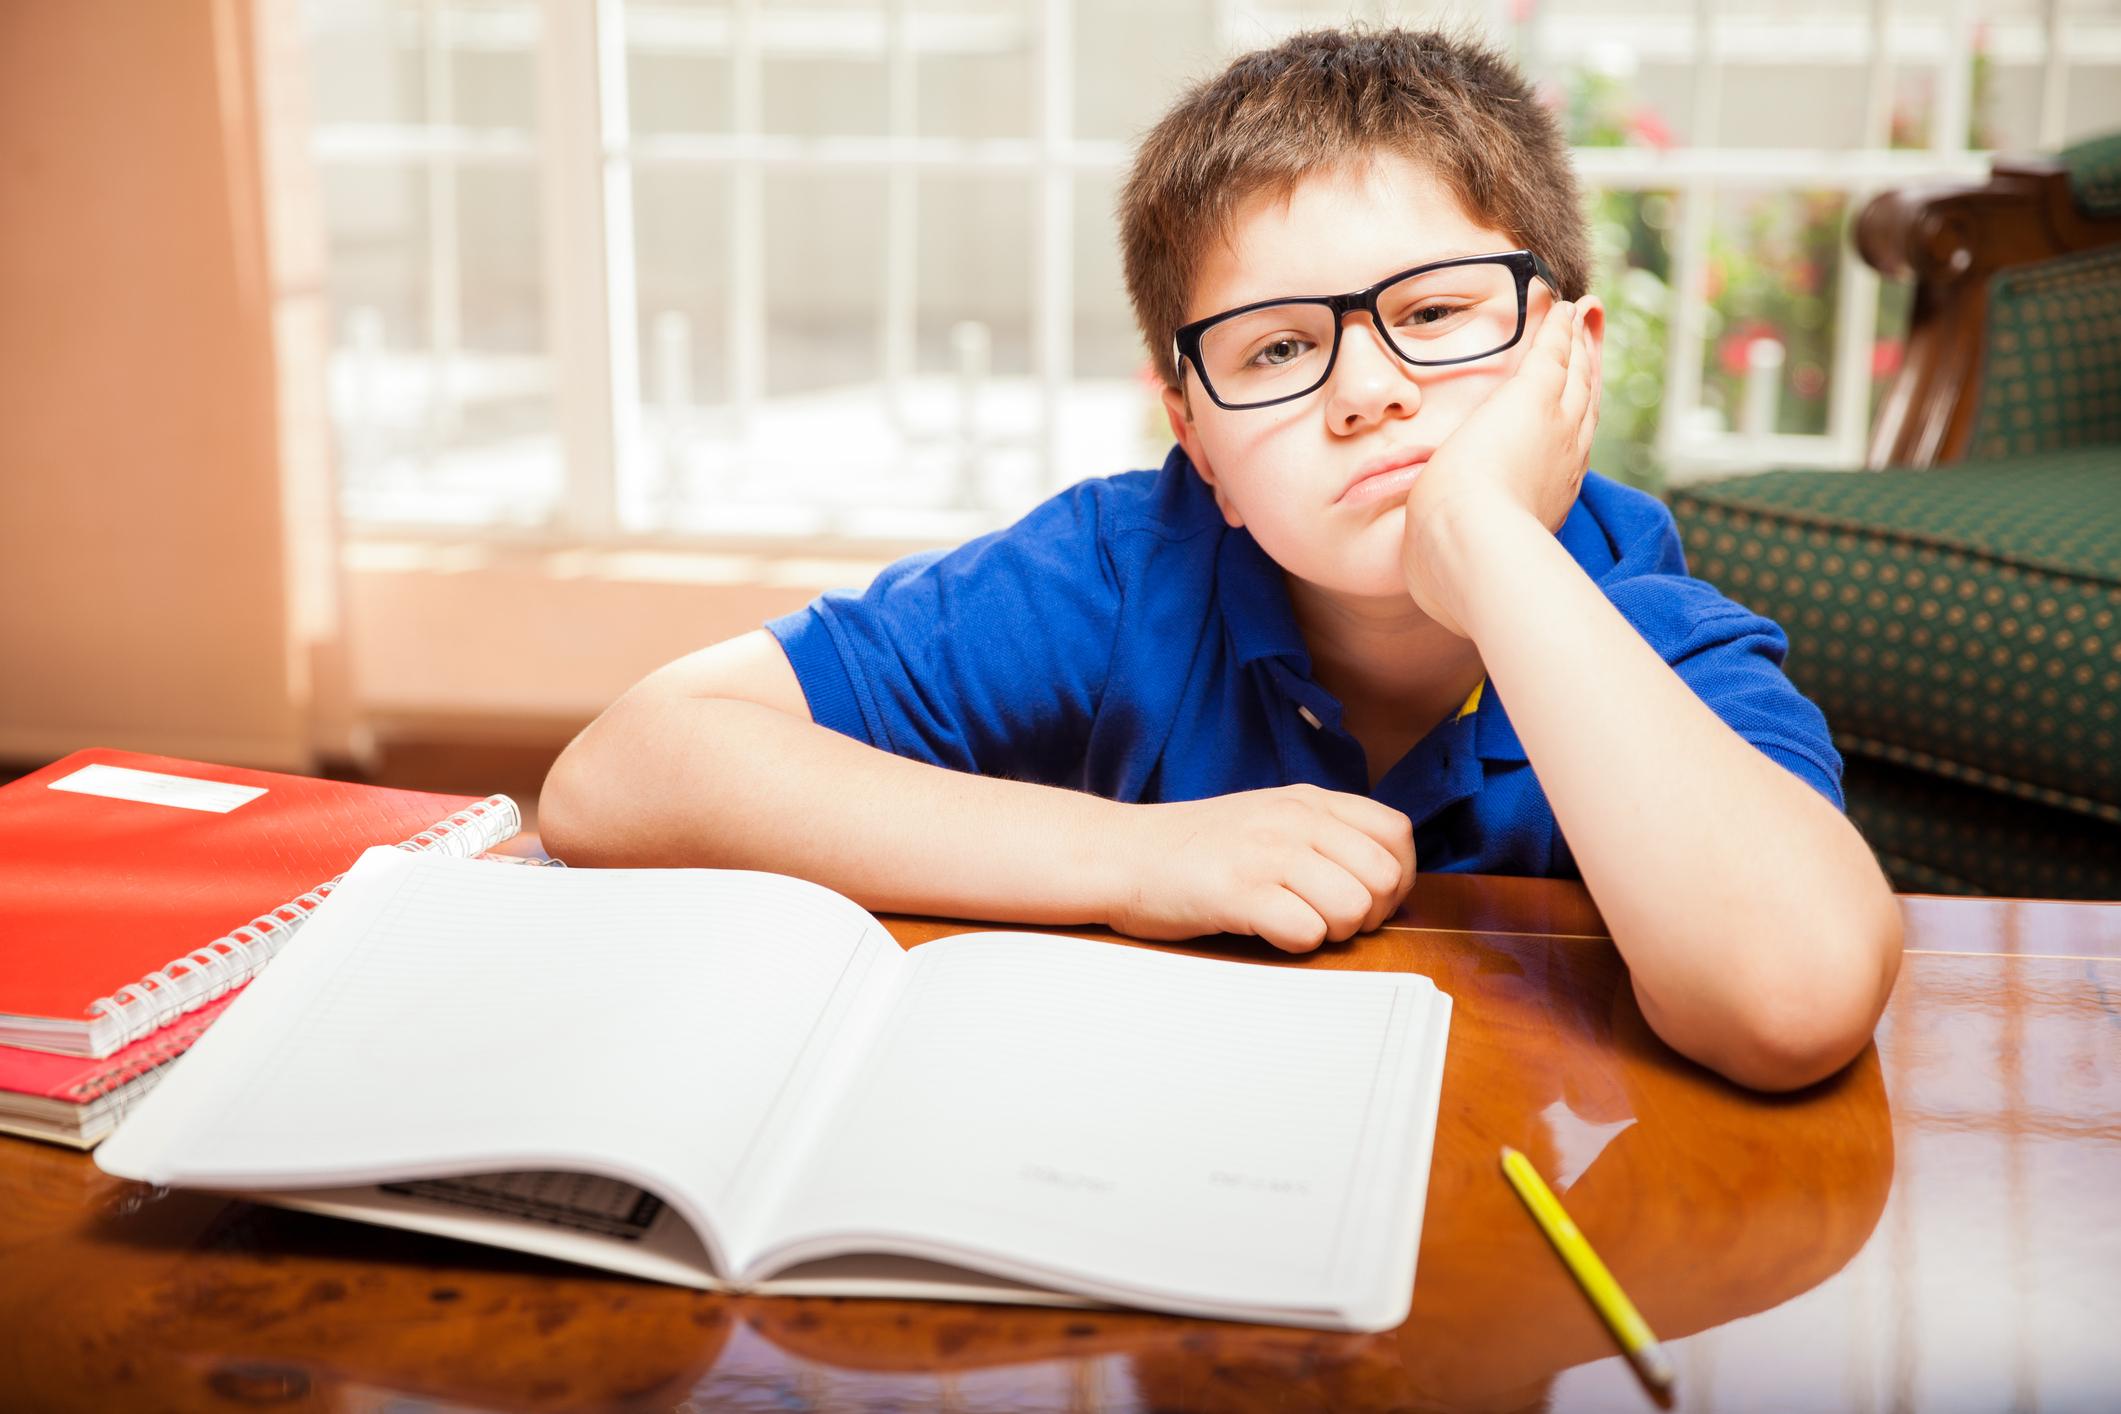 Hausaufgaben Im Nu Erledigen? 5 Tipps, Die Dir Dabei Helfen! für Kind Konzentriert Sich Nicht In Der Schule